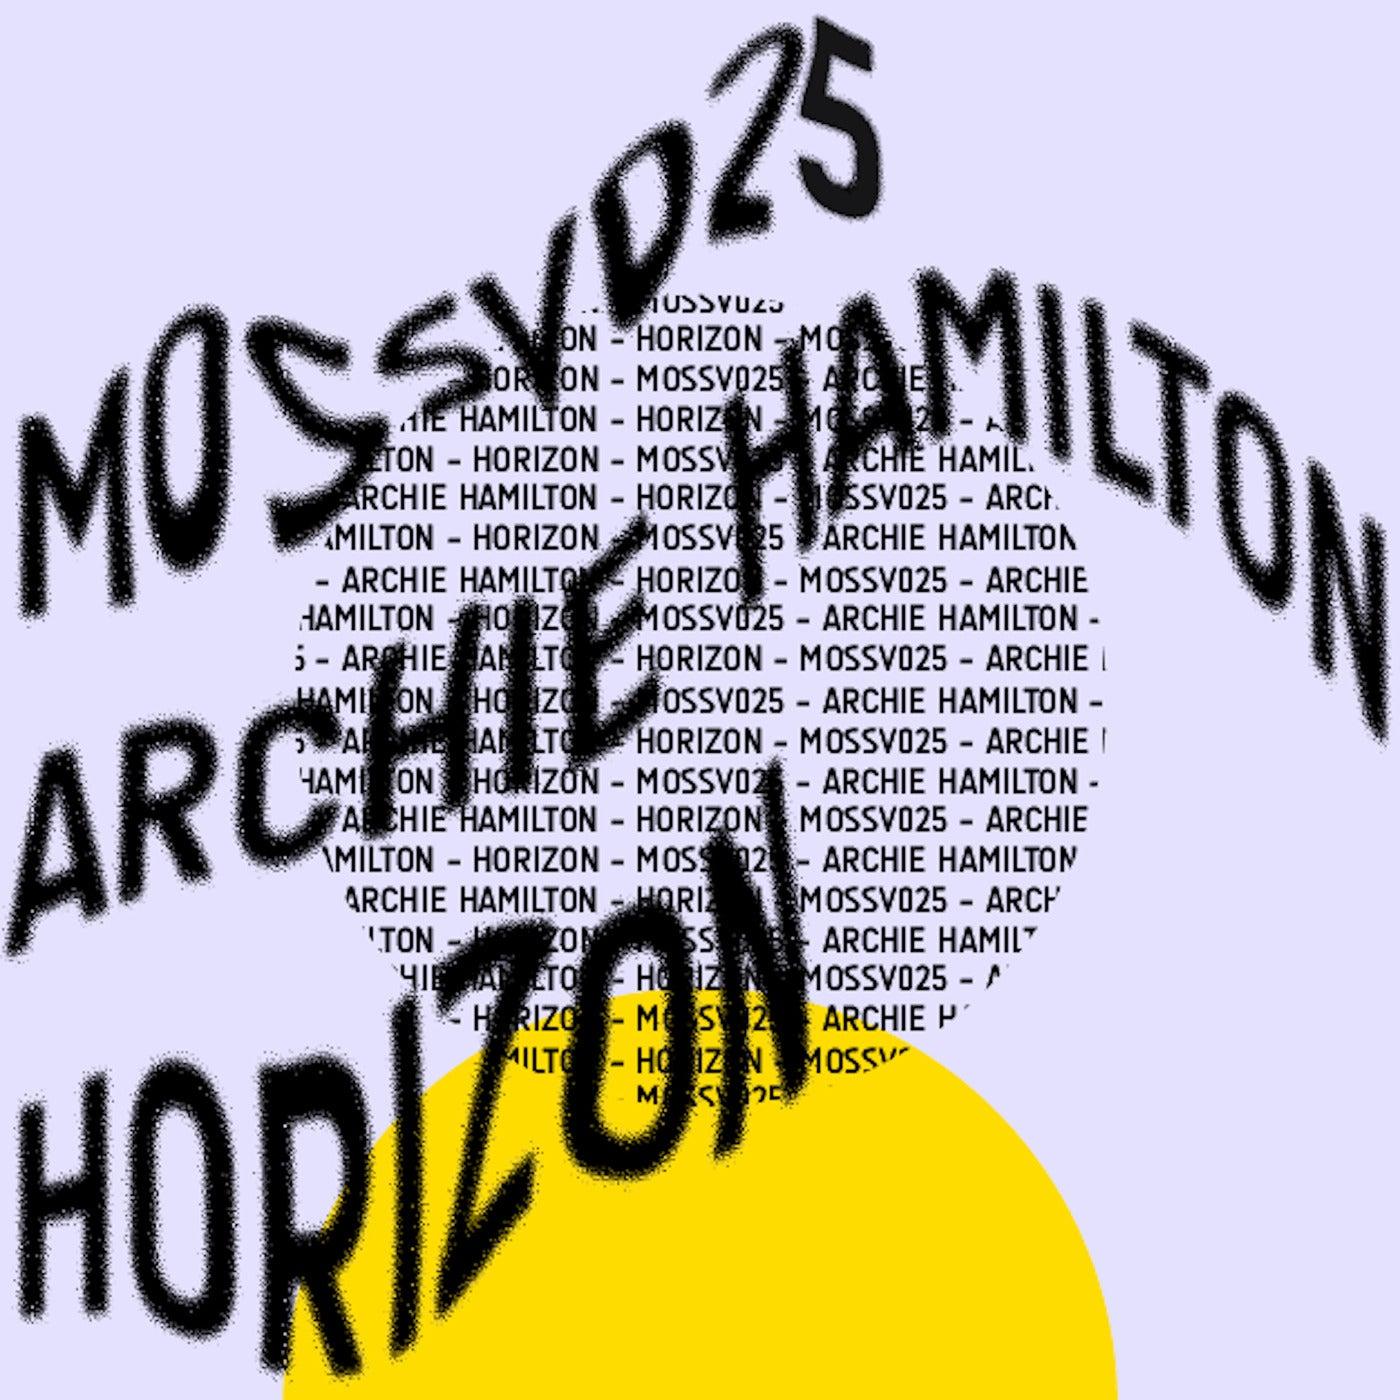 Download Horizon on Electrobuzz